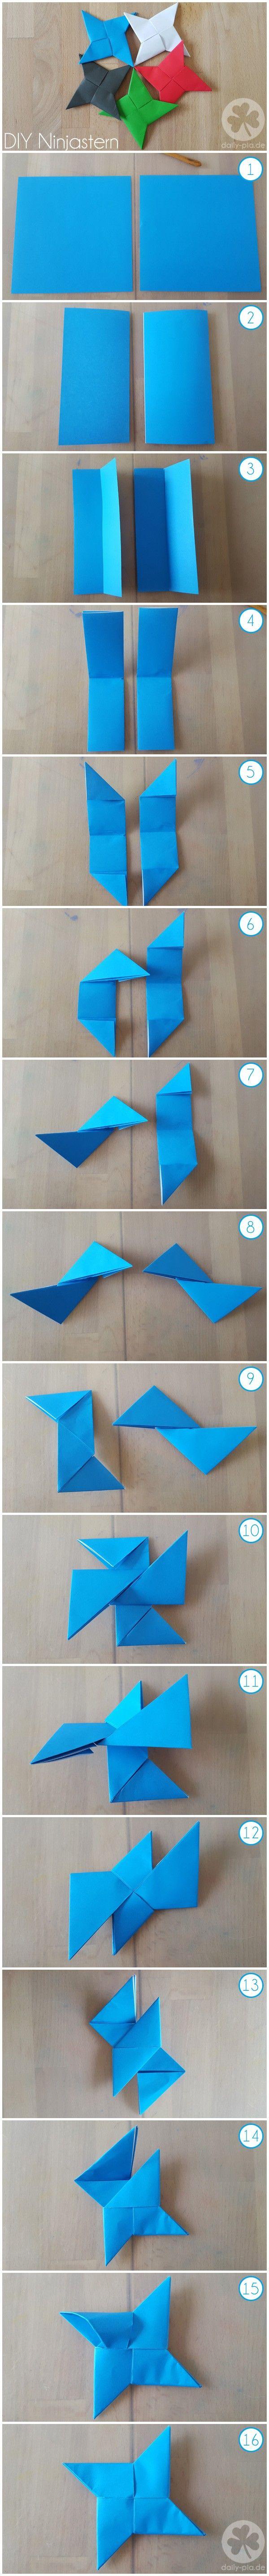 Bis einer heult! • DIY Wurfstern/Ninjastern (Origami)